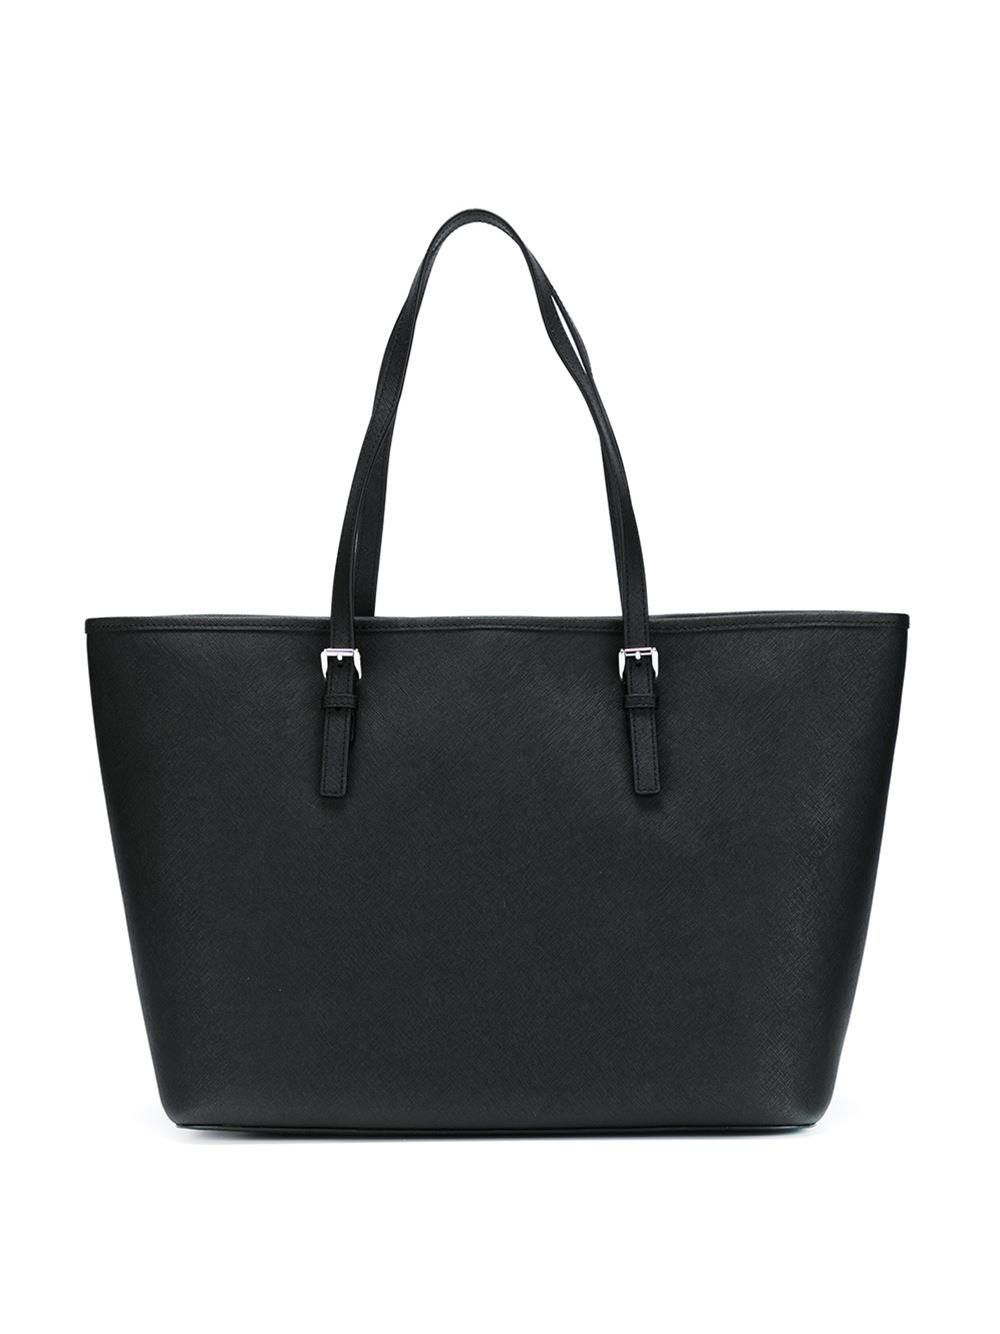 MICHAEL Michael Kors 'jet Set Travel' Tote Bag in Black